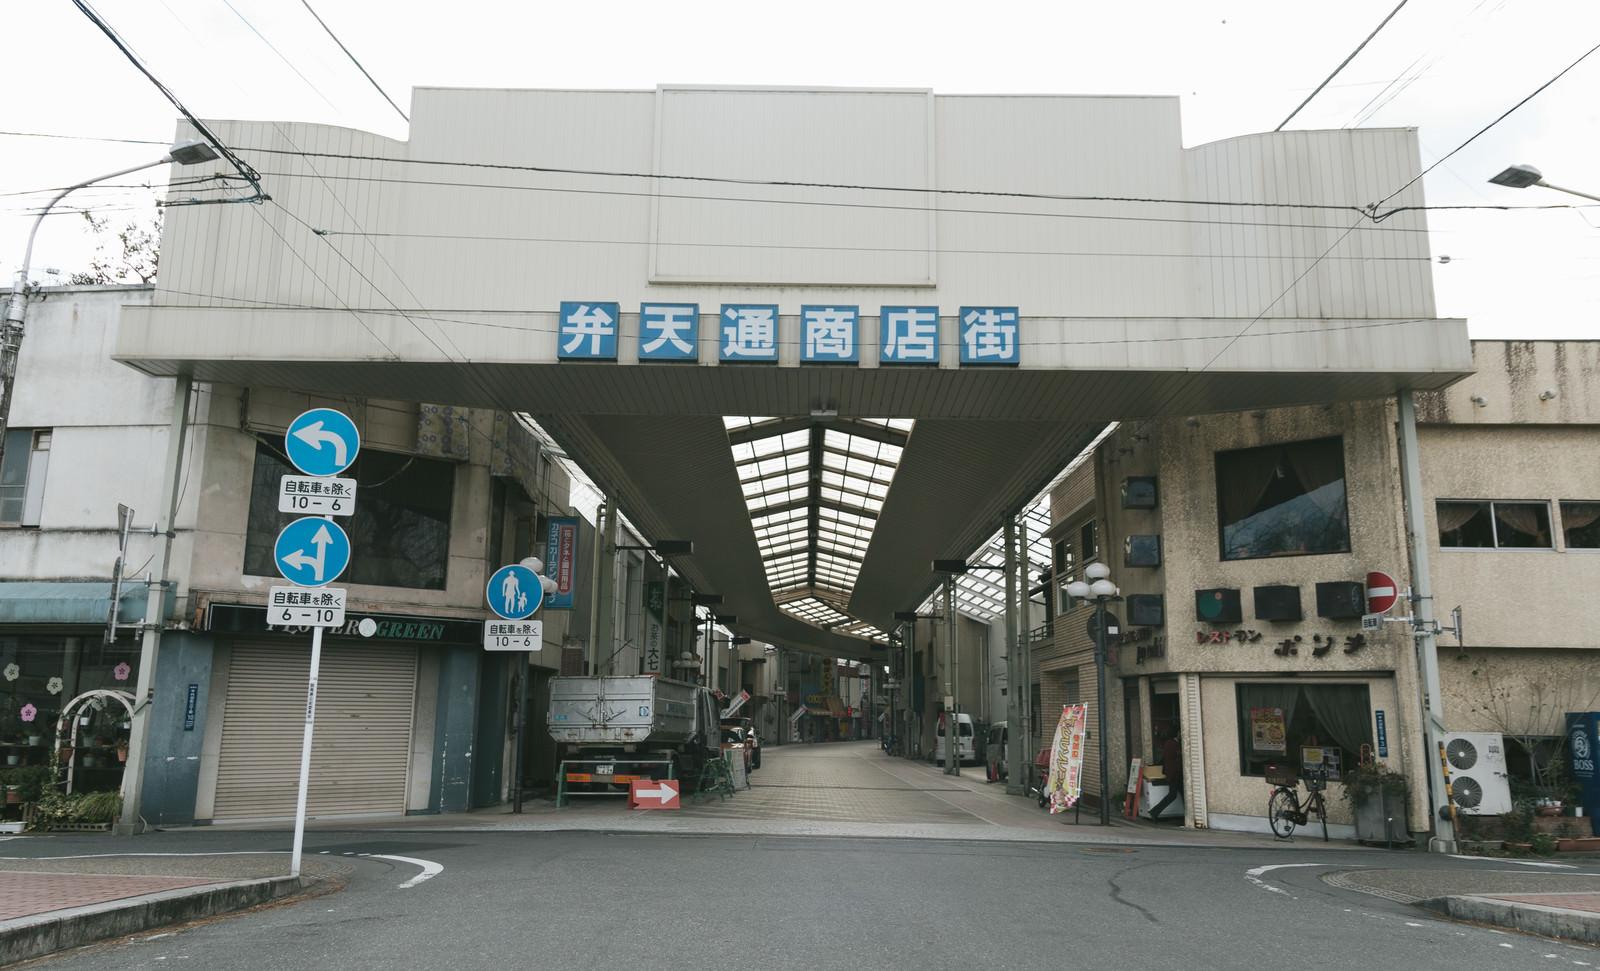 「前橋中心商店街(弁天通商店街)」の写真